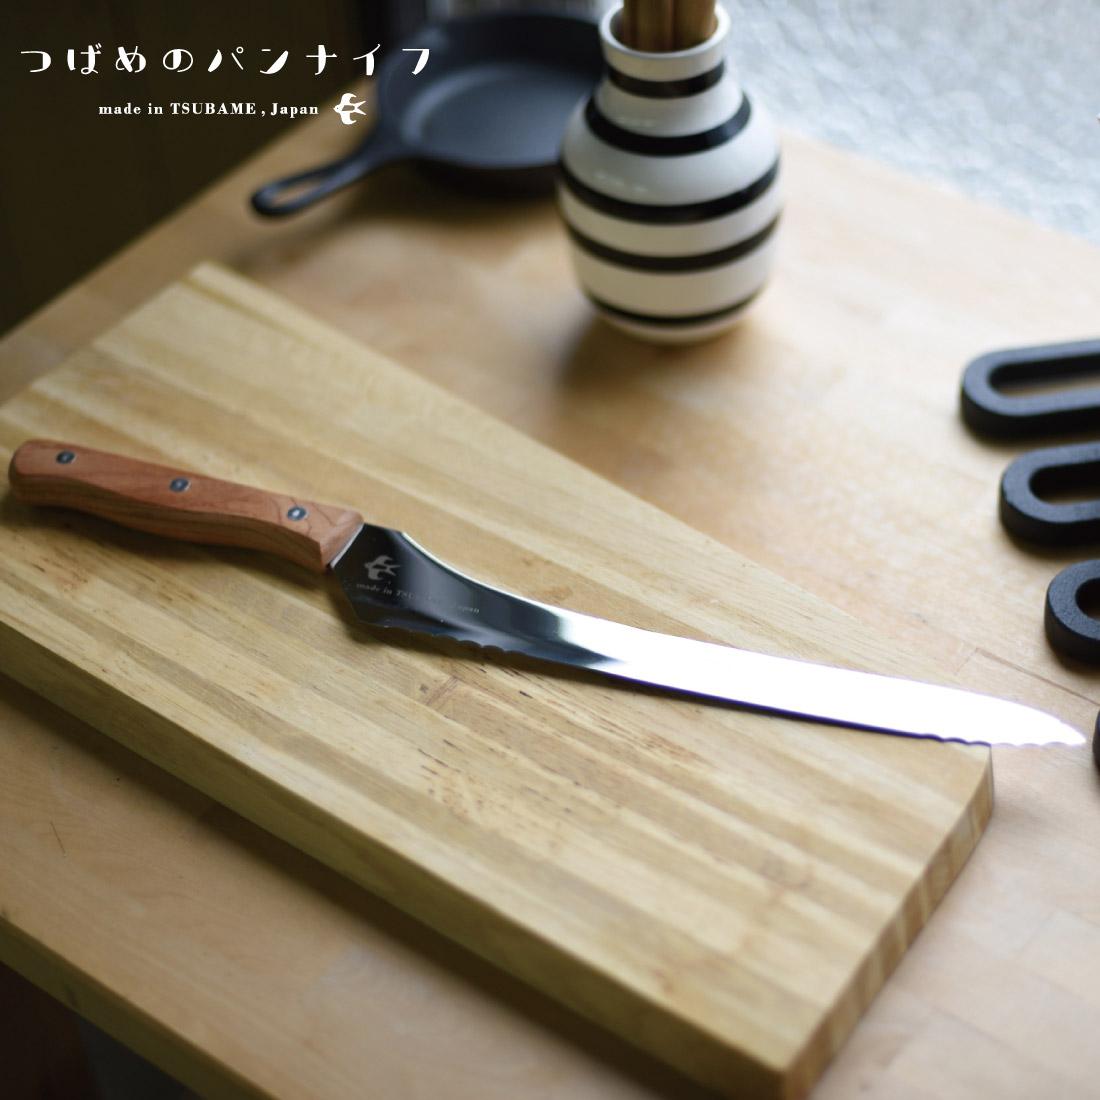 ○かたいパンもやわらかいパンもおまかせあれ Arnest アーネスト つばめのパンナイフ お買い得品 新潟県燕市 日本製 パン切り包丁 初回限定 TSUBAME Japan no knife Panknife Made in Bread